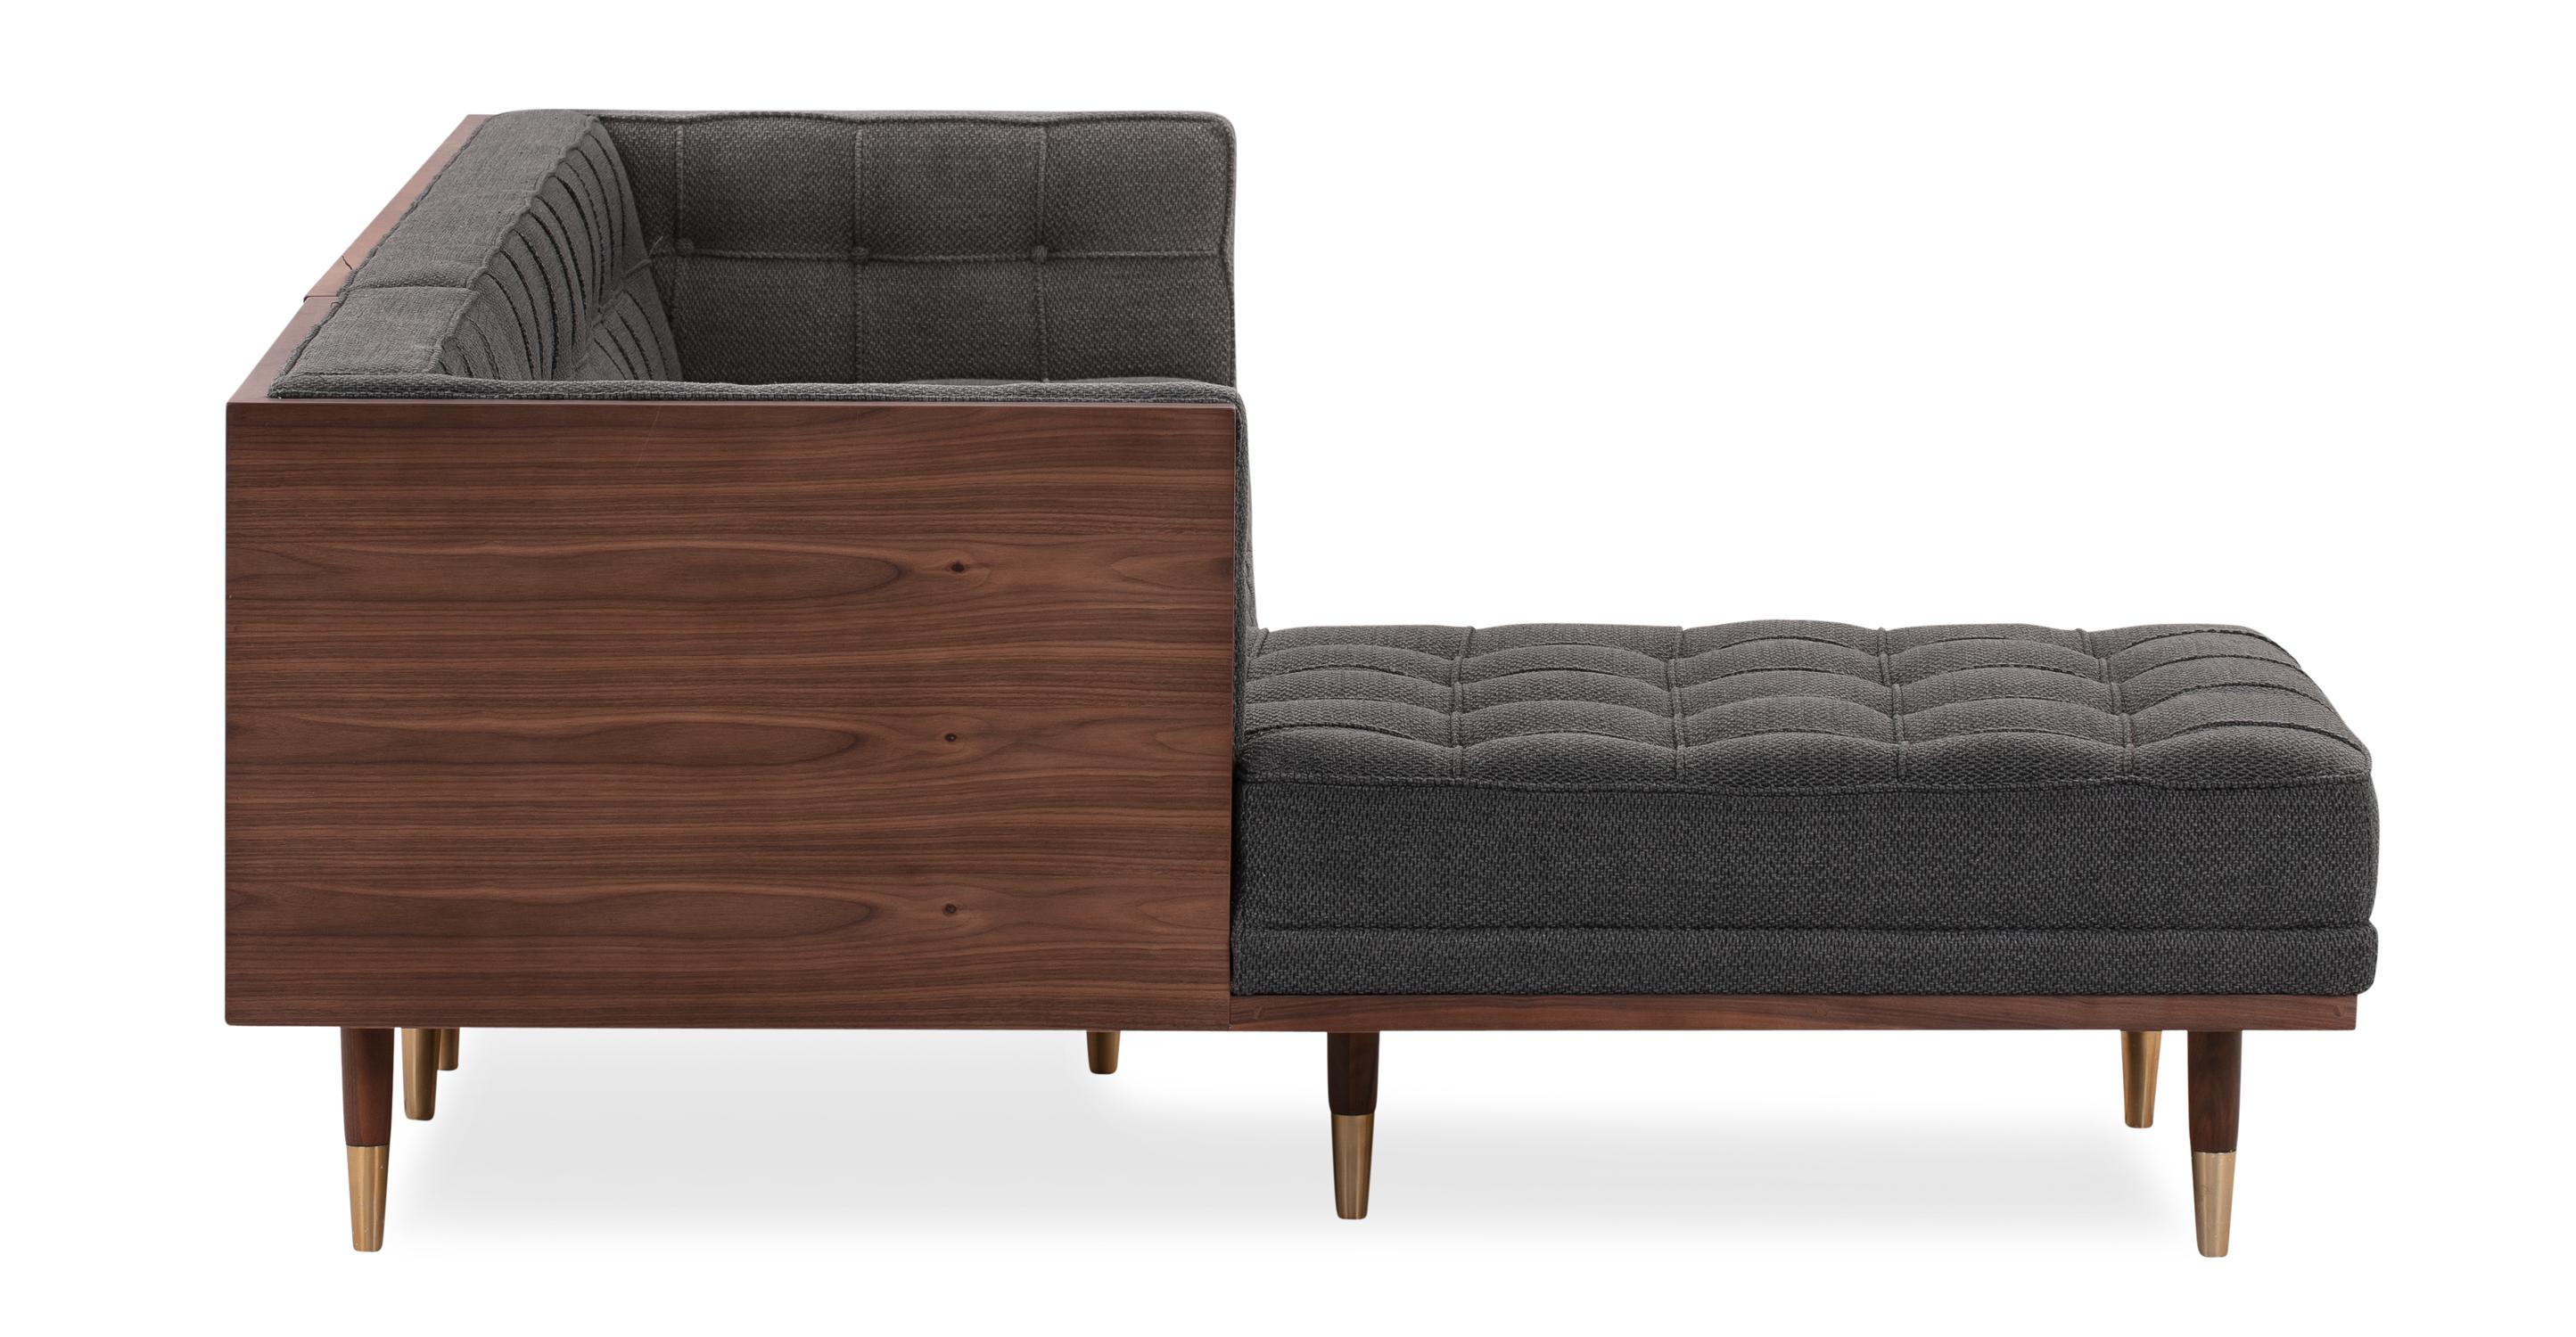 Woodrow Box Sofa Sectional Left, Walnut/Niemeyer